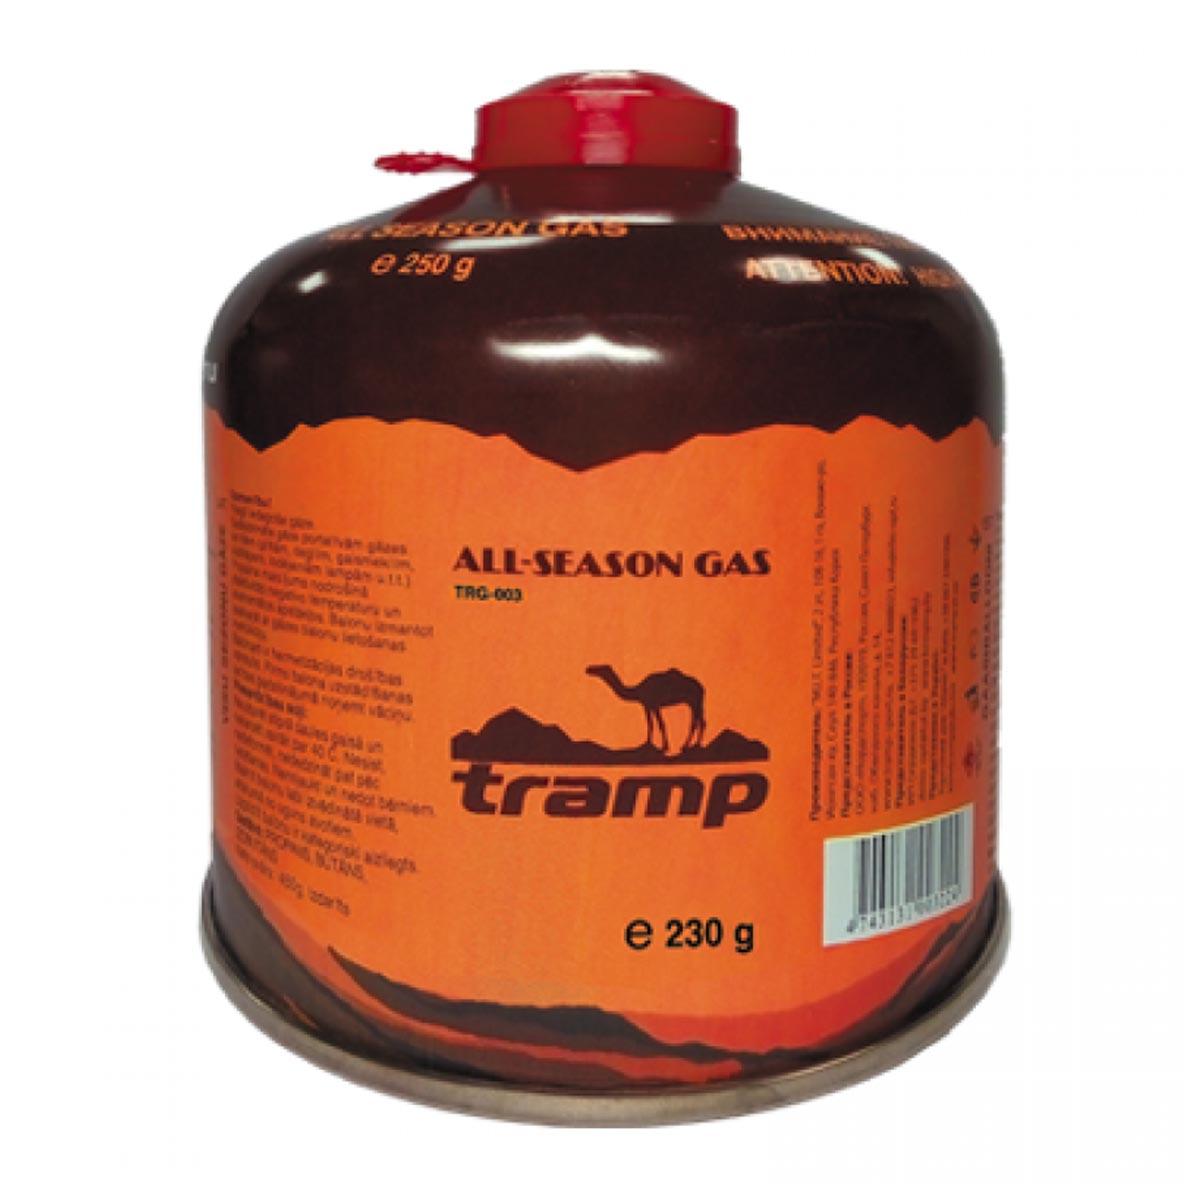 Газовый баллон ALL-SEASON GAS